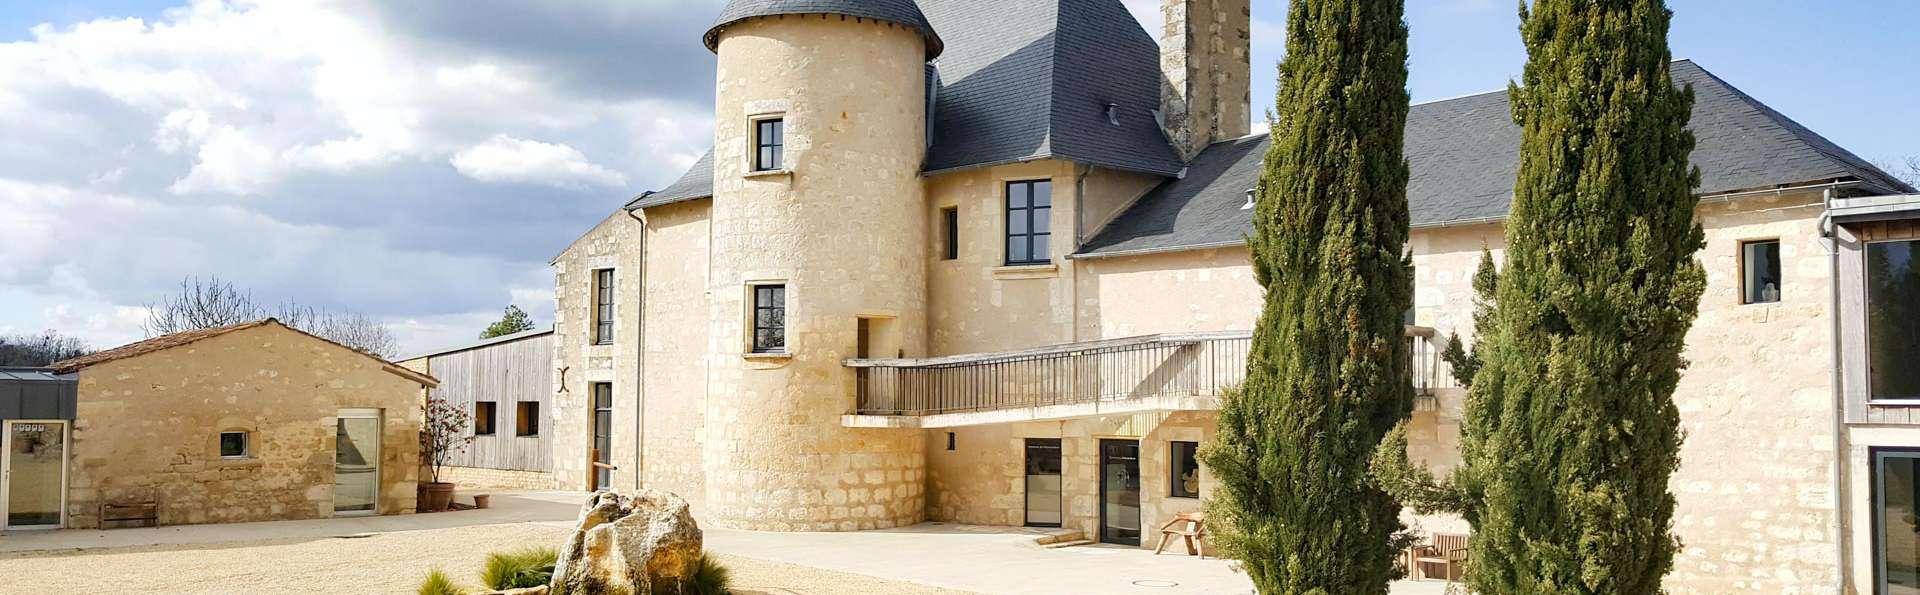 Escapade gourmande avec accès au spa, près du charmant village médiéval de Chauvigny